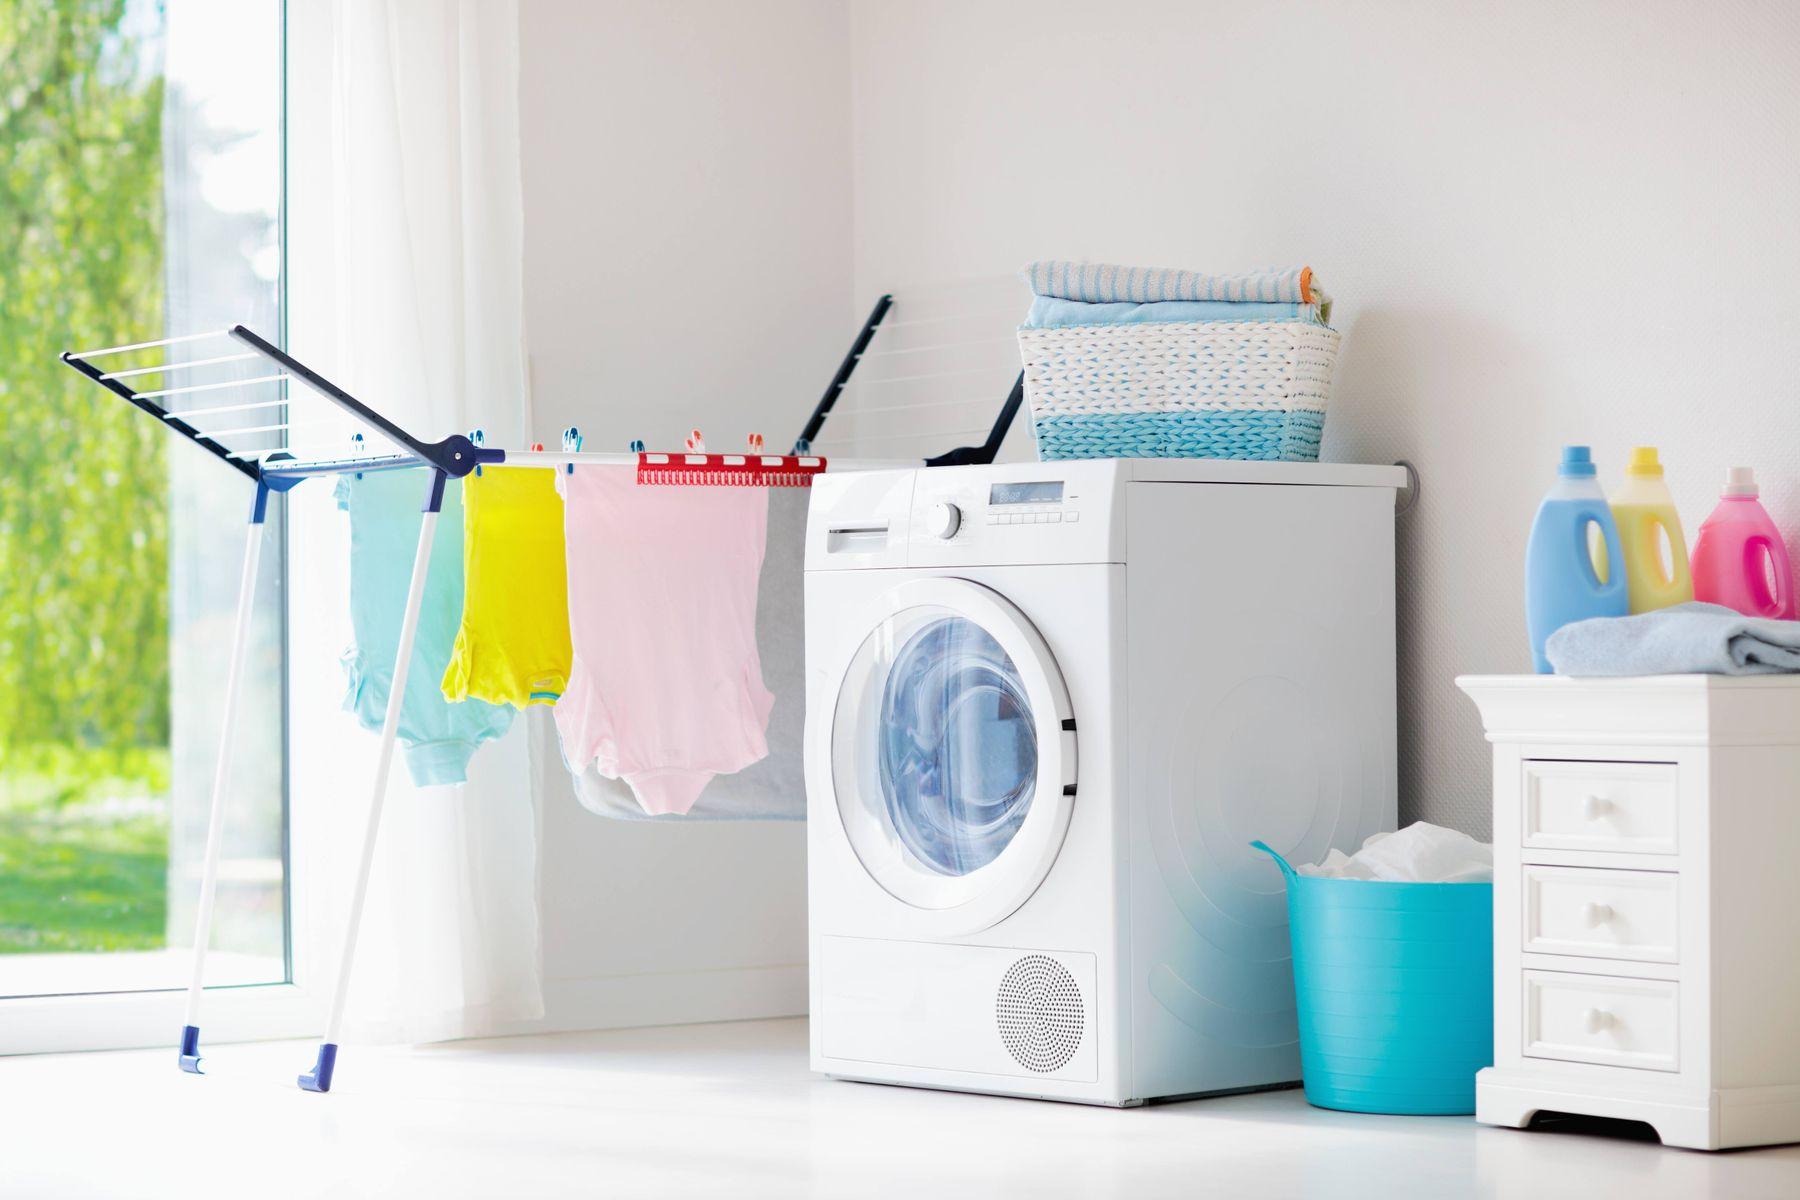 3 Cách bảo quản quần áo khi trời nồm hiệu quả